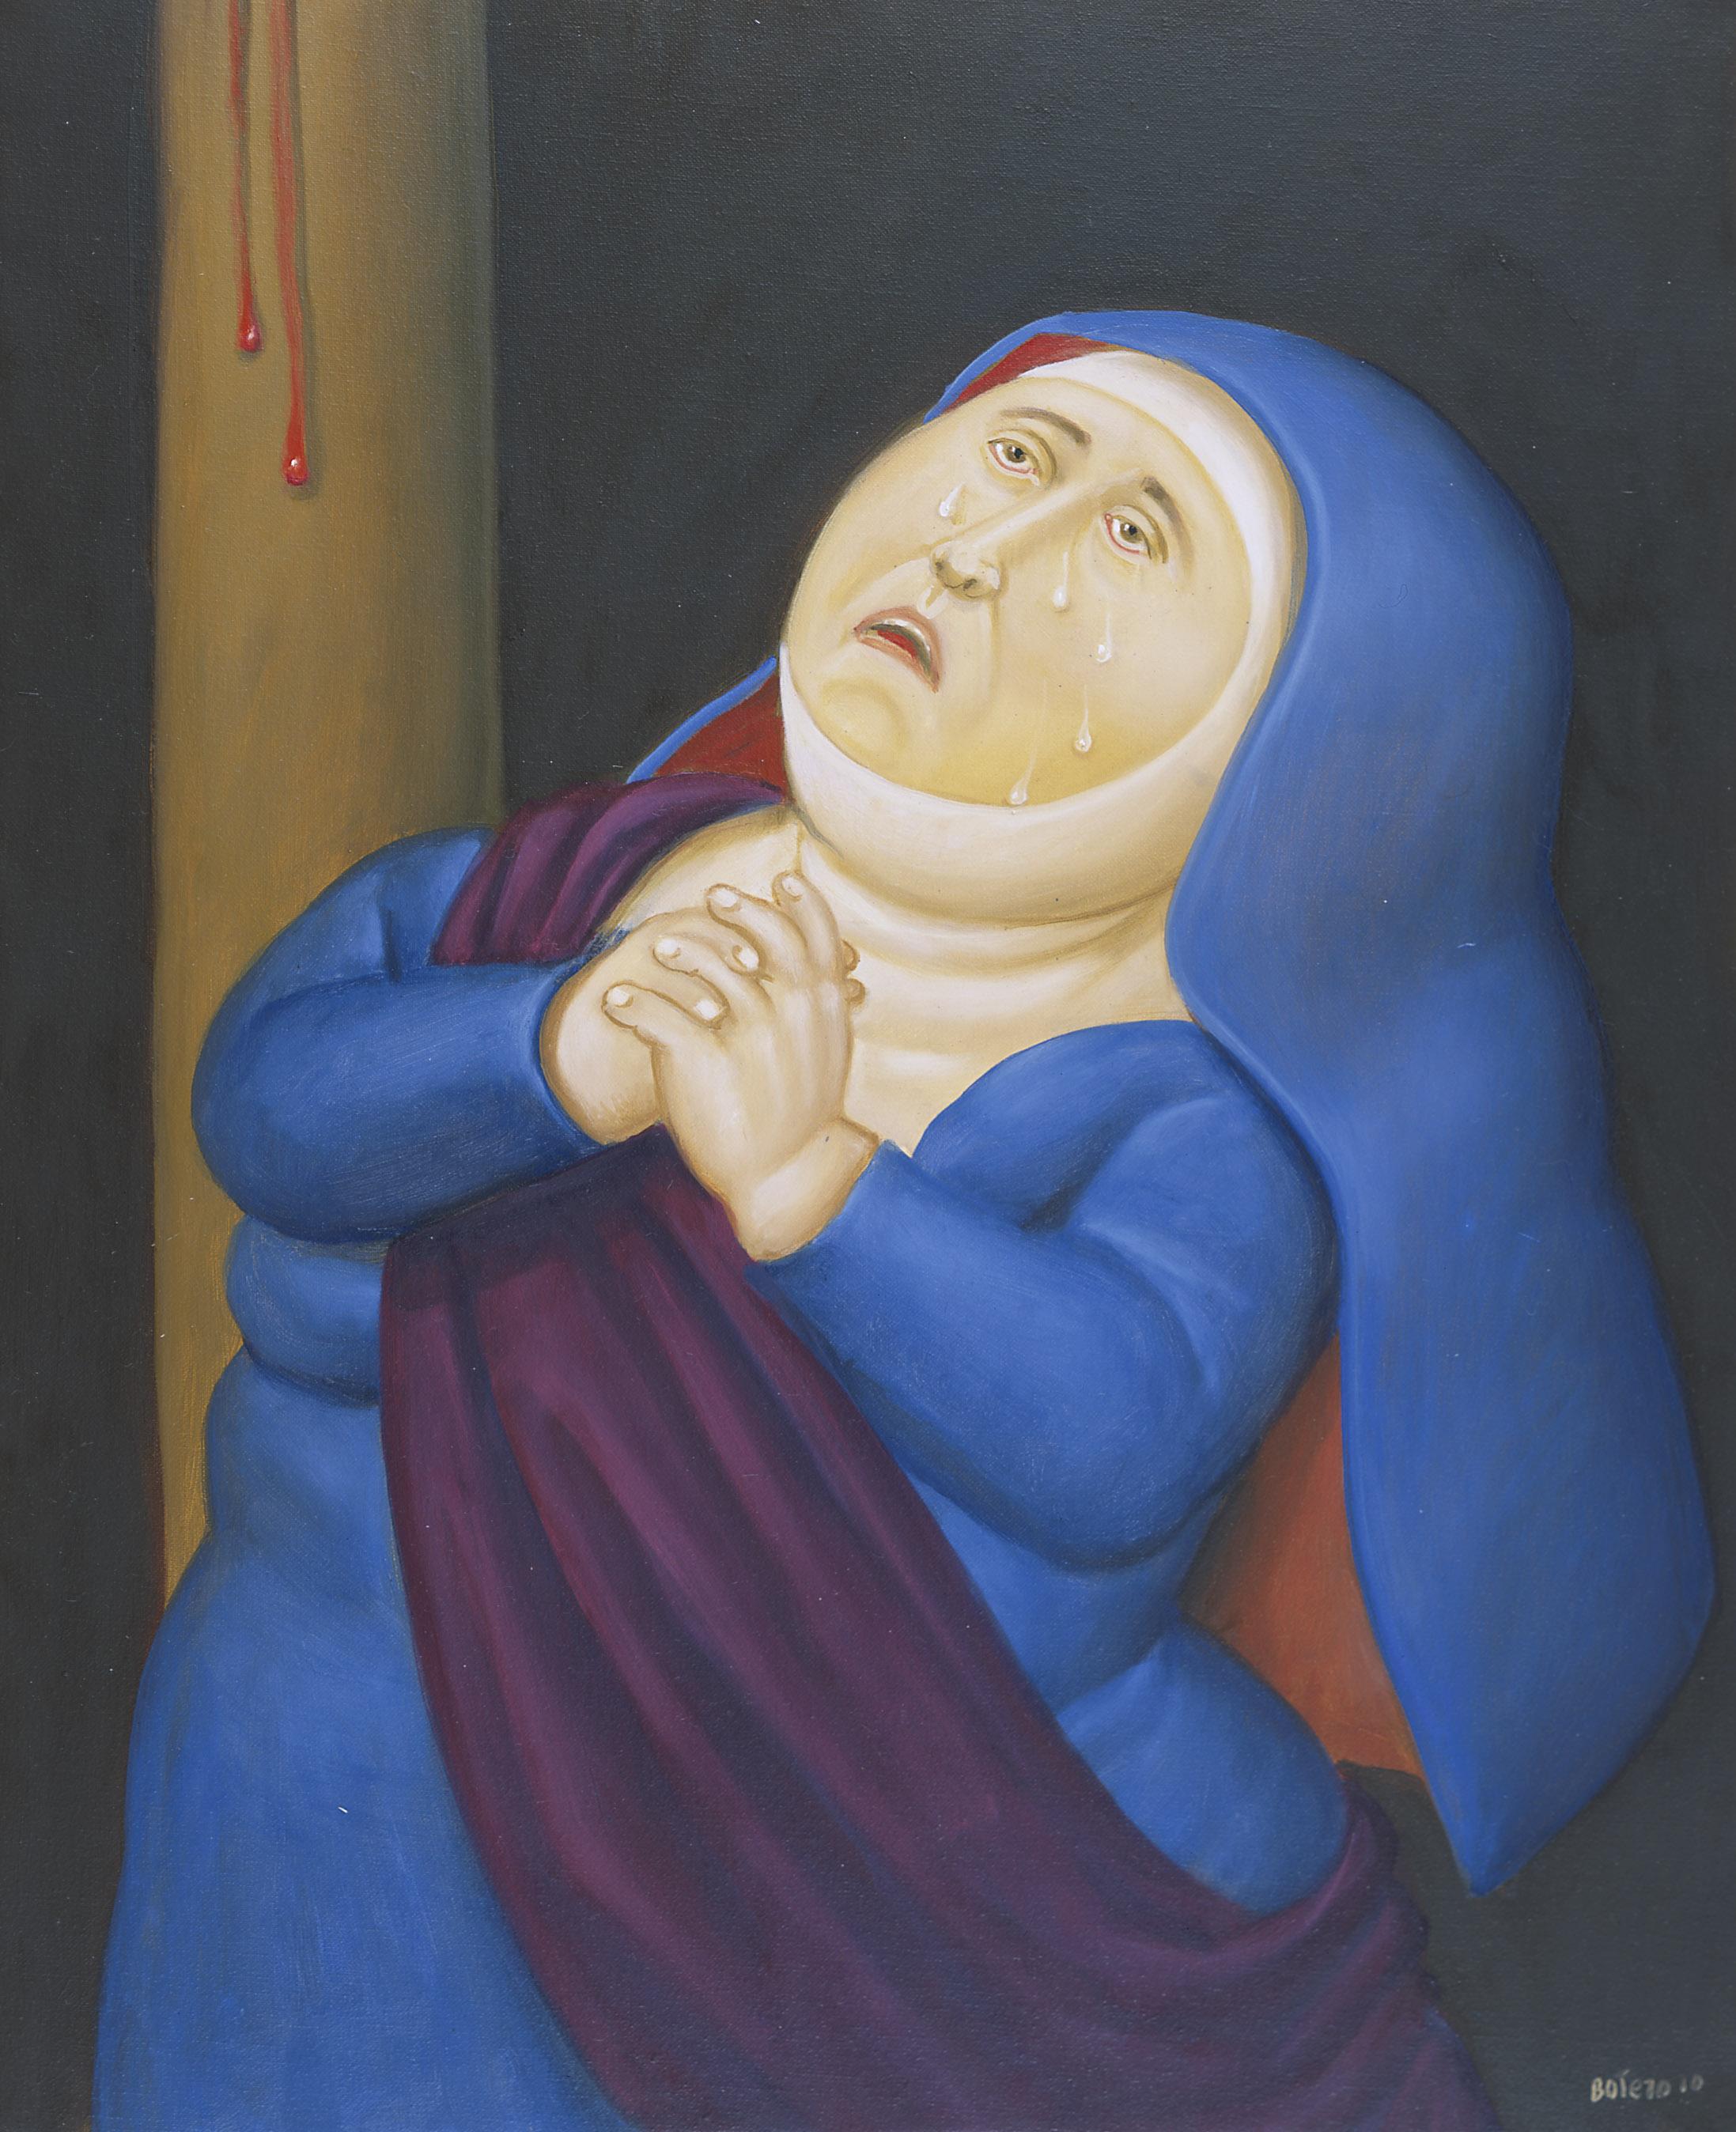 Madre afligida, 2010 Madre afflitta / Sorrowful Mother Olio su tela / Oil on canvas 71 x 58 cm Medellín, Museo de Antioquia